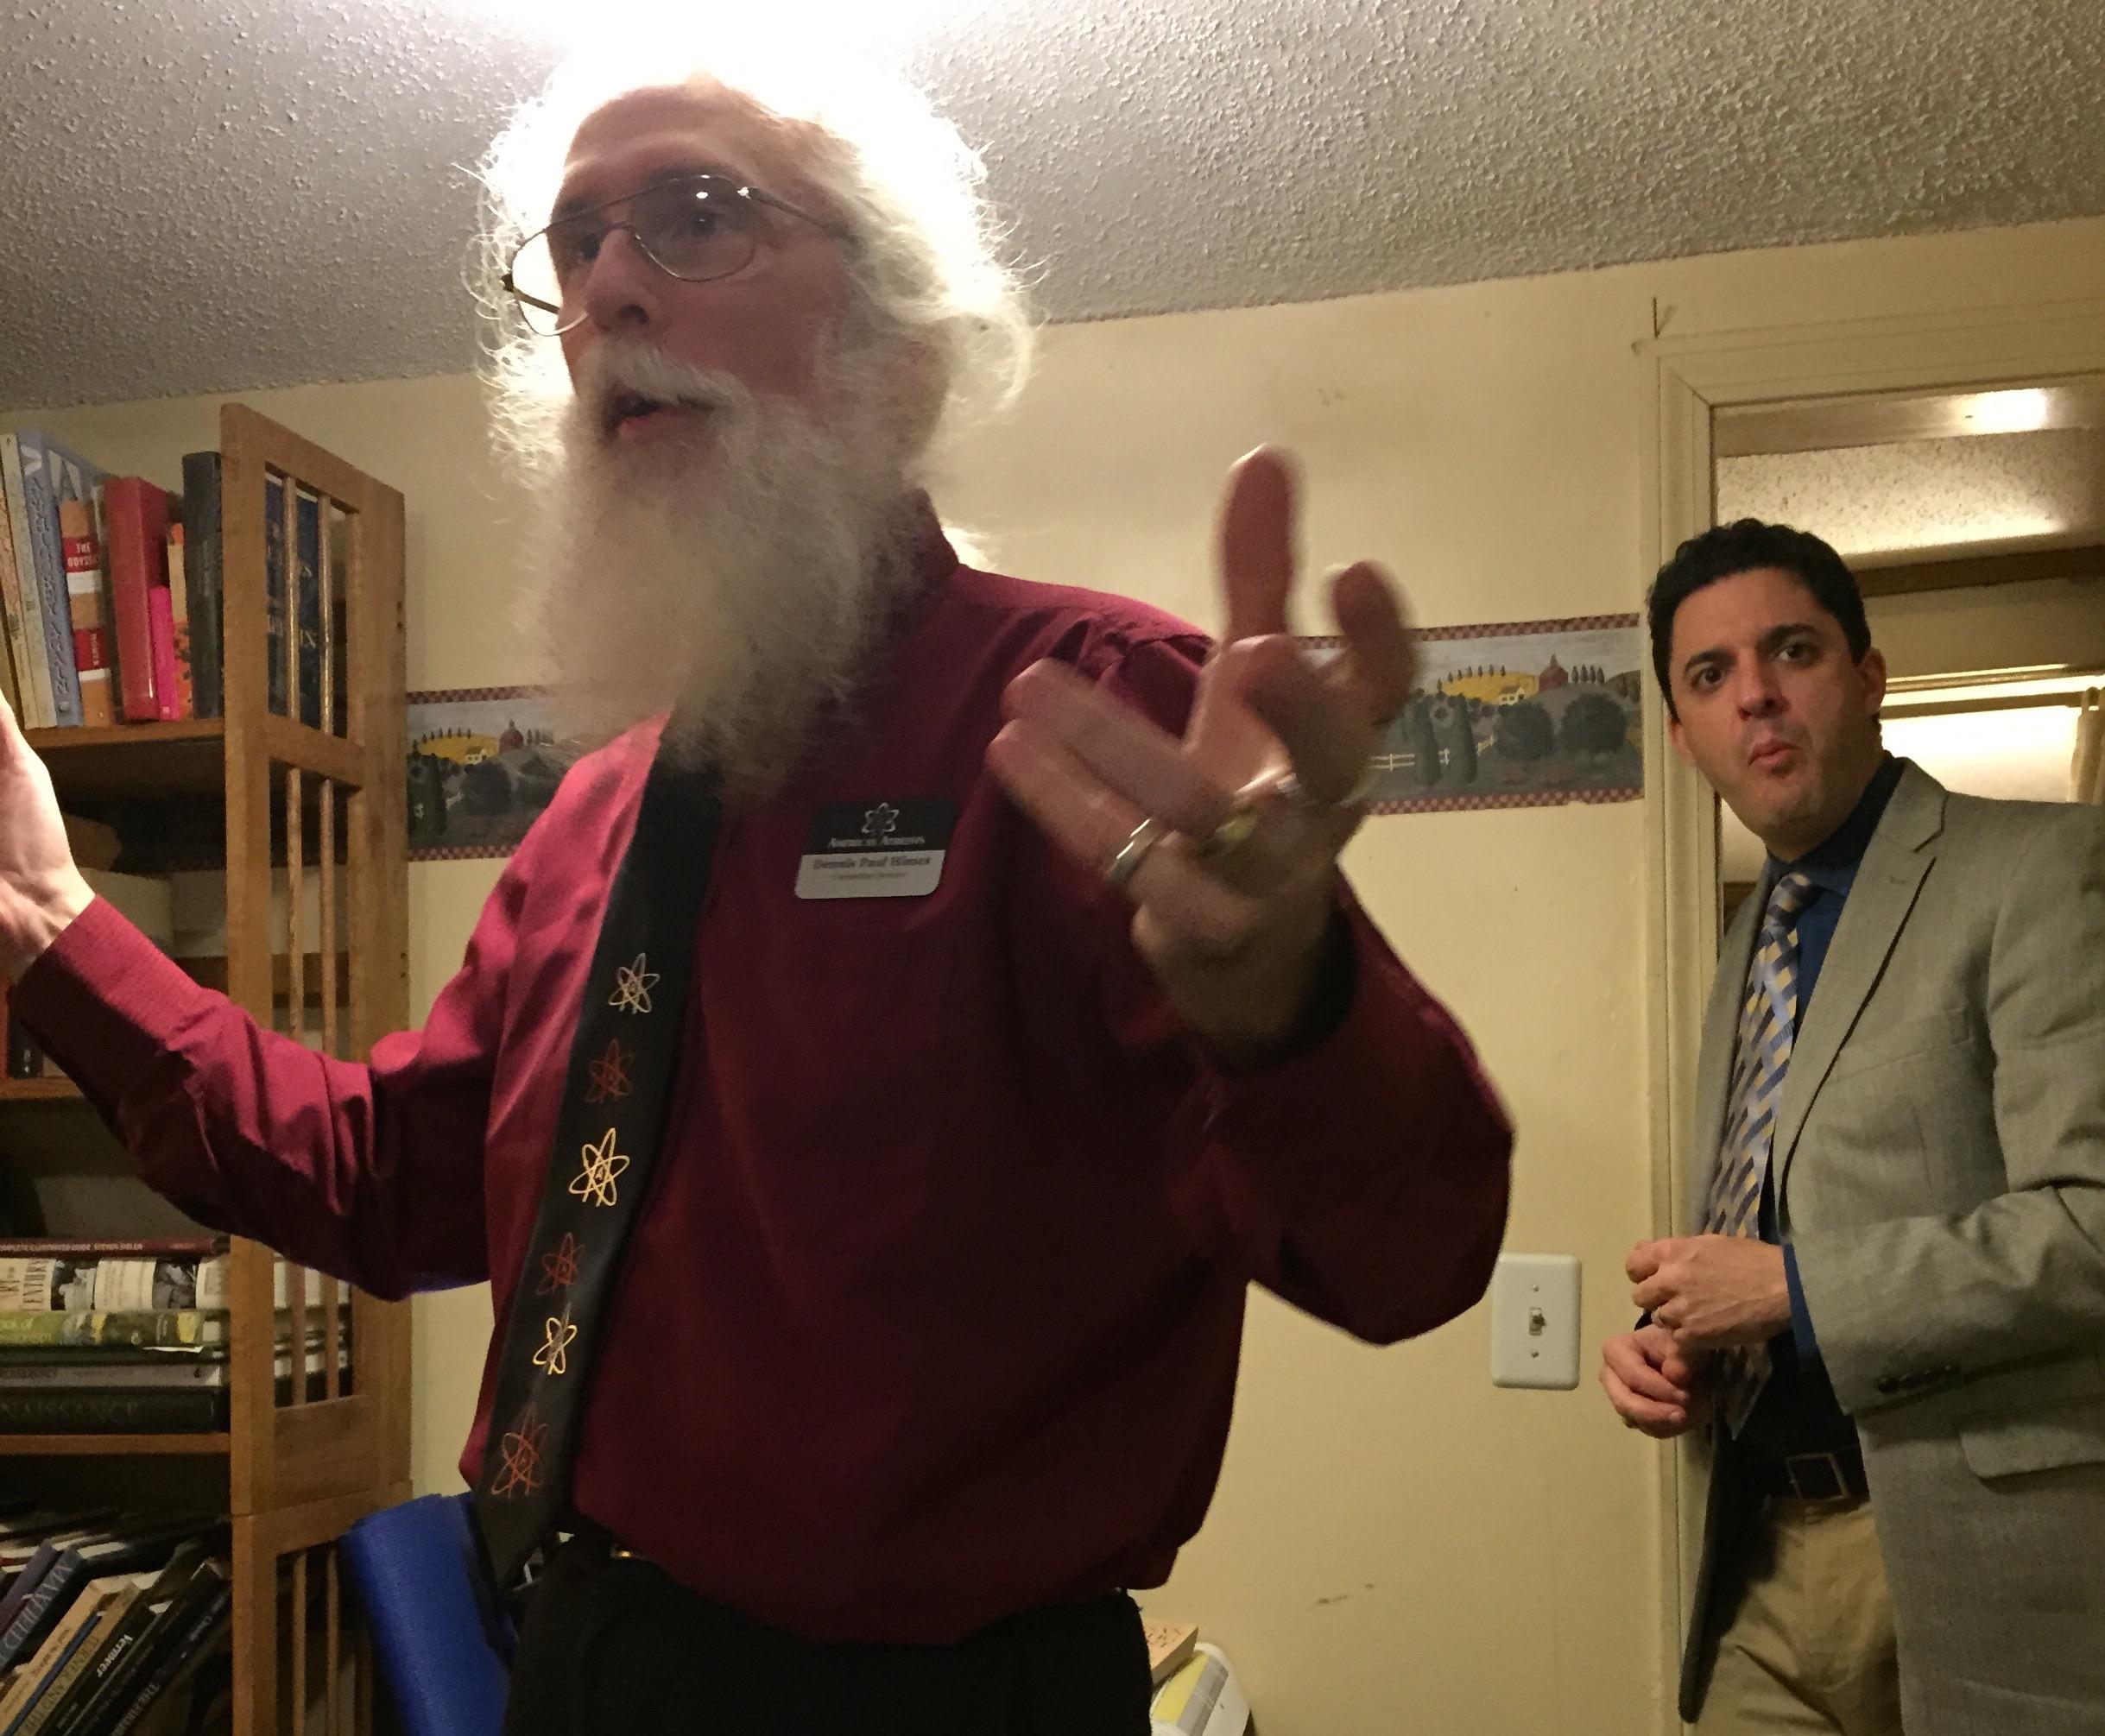 Davis Silverman's visit